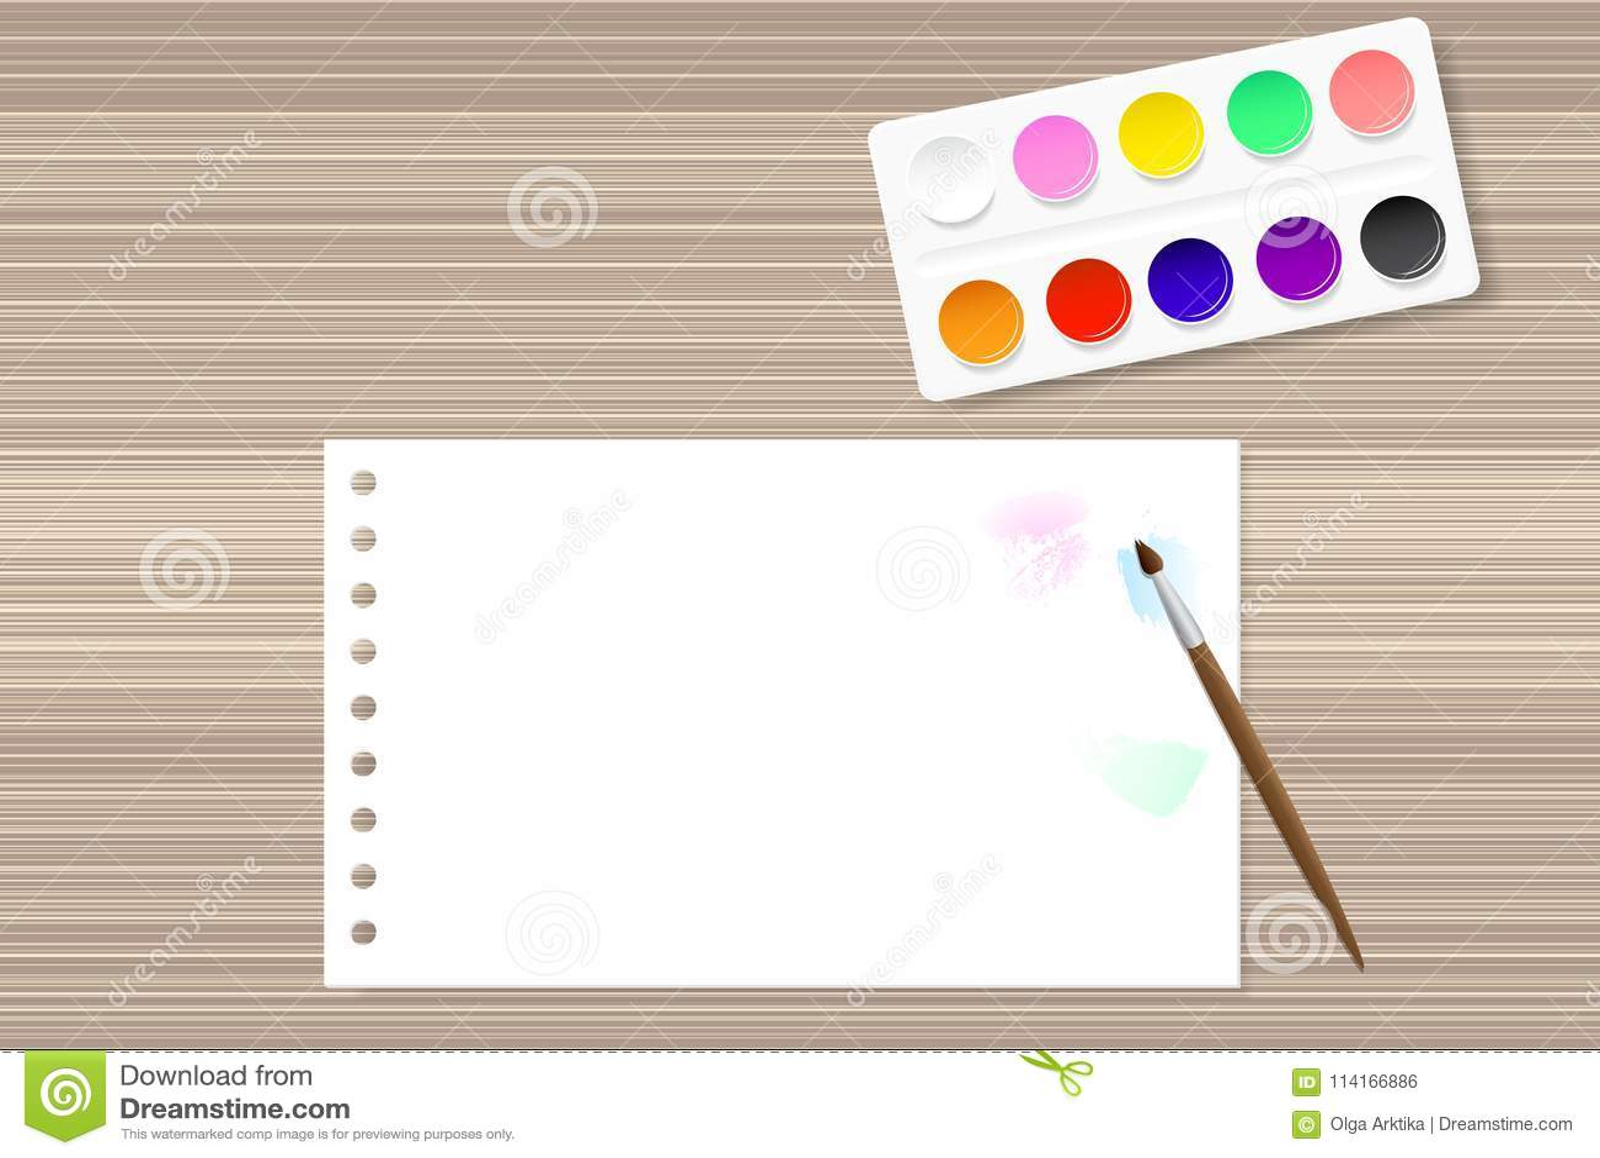 Farby i papier na drewnianym stole